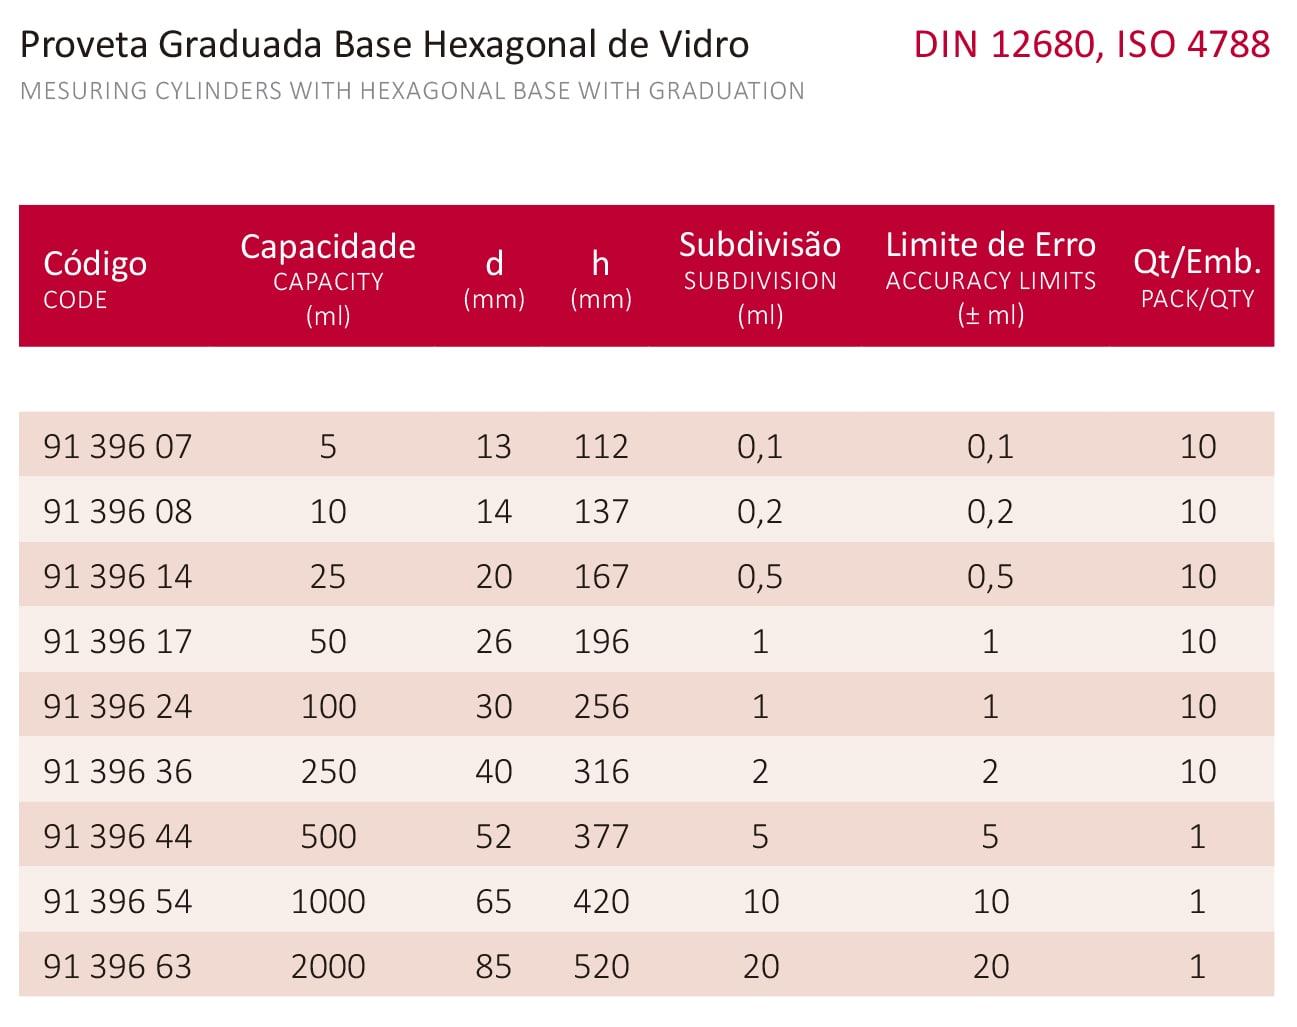 PROVETA GRADUADA BASE HEXAGONAL DE VIDRO 50 ML CERTIFICADO RBC - Laborglas - Cód. 9139617-R